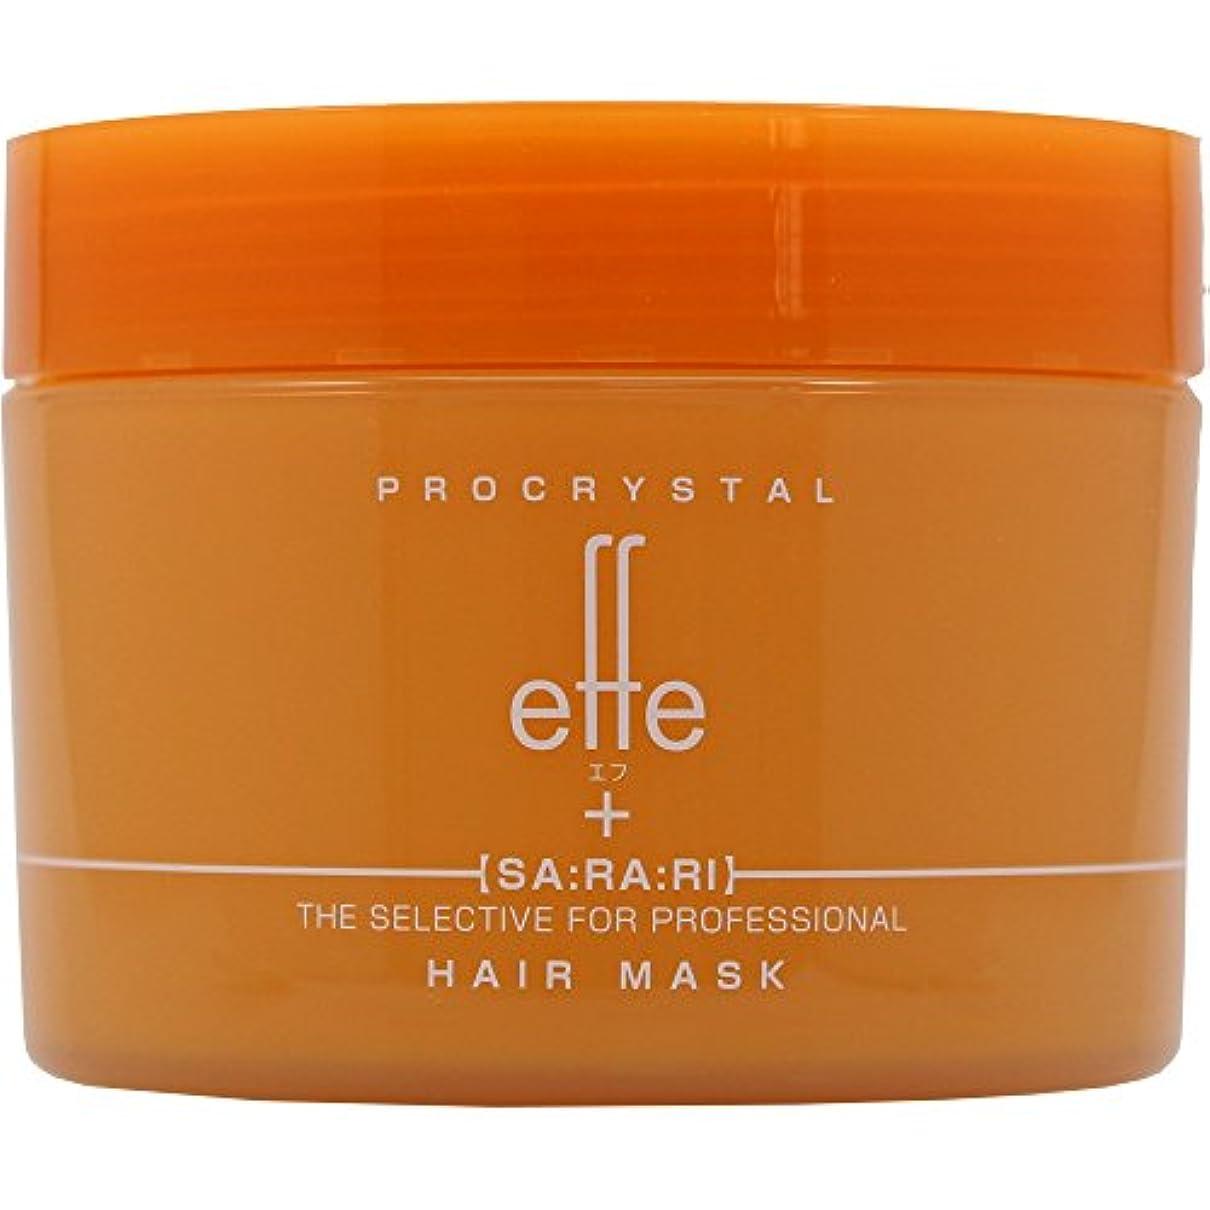 委託展開する広がりアペティート化粧品 プロクリスタル effe (エフ) ヘアマスク さらり200g